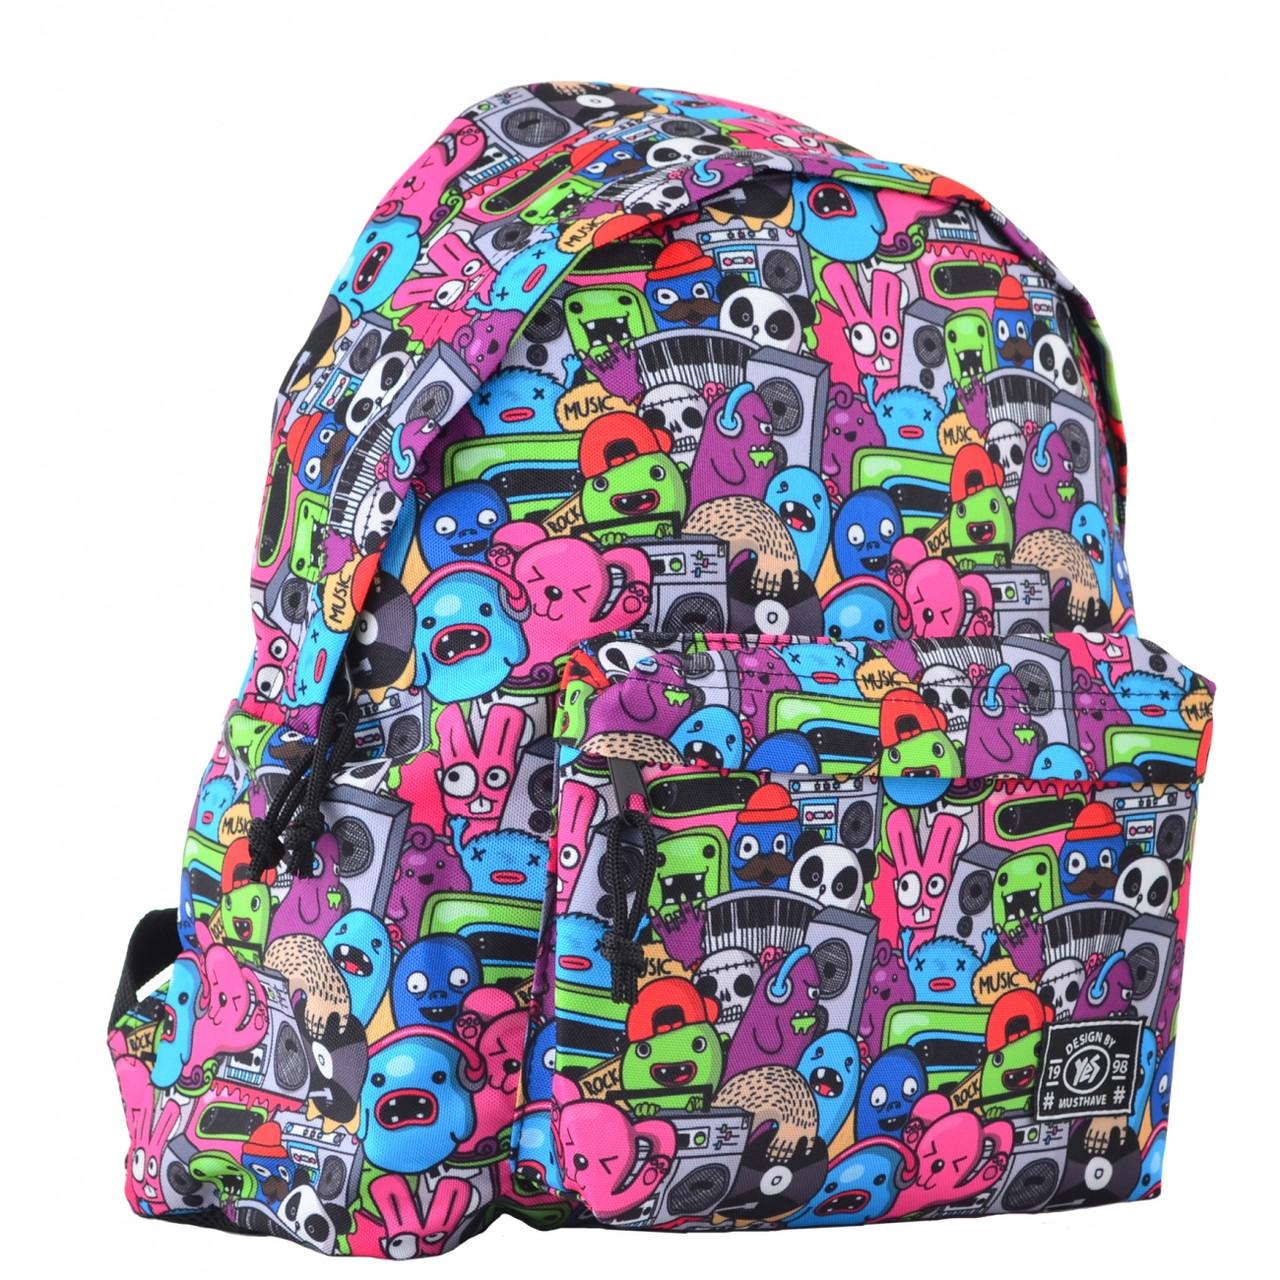 Рюкзак молодежный ST-17 Crazy muzic, 42*32*12